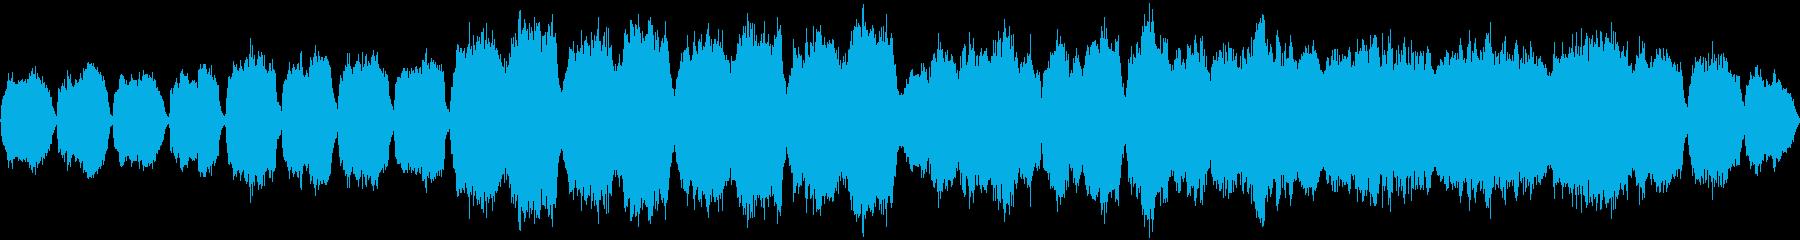 ストリングスで感情移入の再生済みの波形